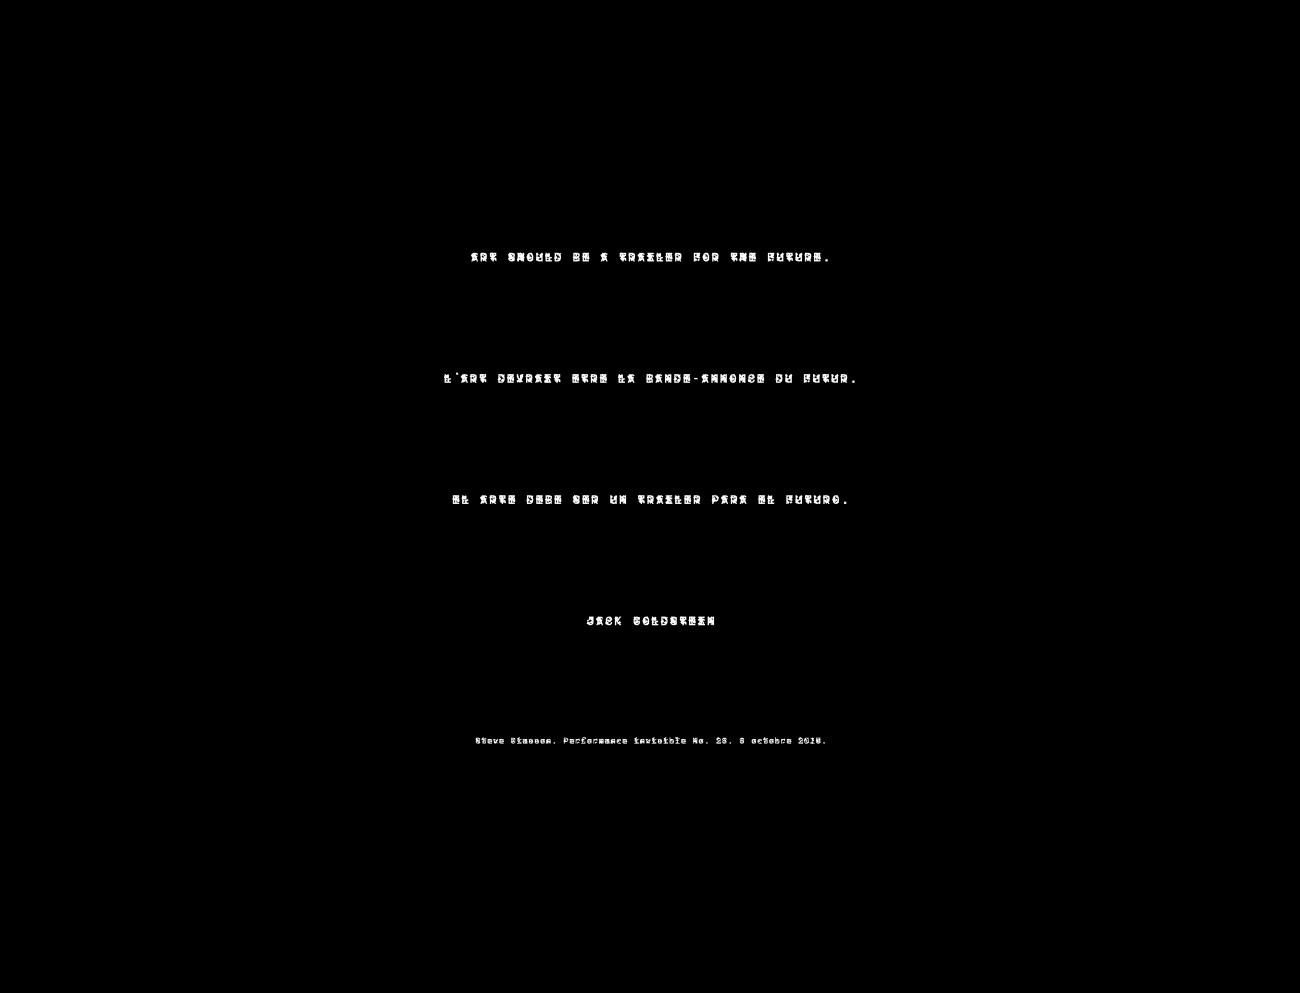 Steve Giasson. Performance invisible n° 28 (Mettre en ligne un texte dont le contenu est typographié à l'aide d'une police de caractère, (ZXX, par exemple, créée par Sang Mun, un ex-employé de la National Security Agency) censée être difficile à décrypter par la Reconnaissance optique de caractères, le logiciel utilisé par Google et la NSA pour analyser les textes sur Internet). 8 octobre 2015.